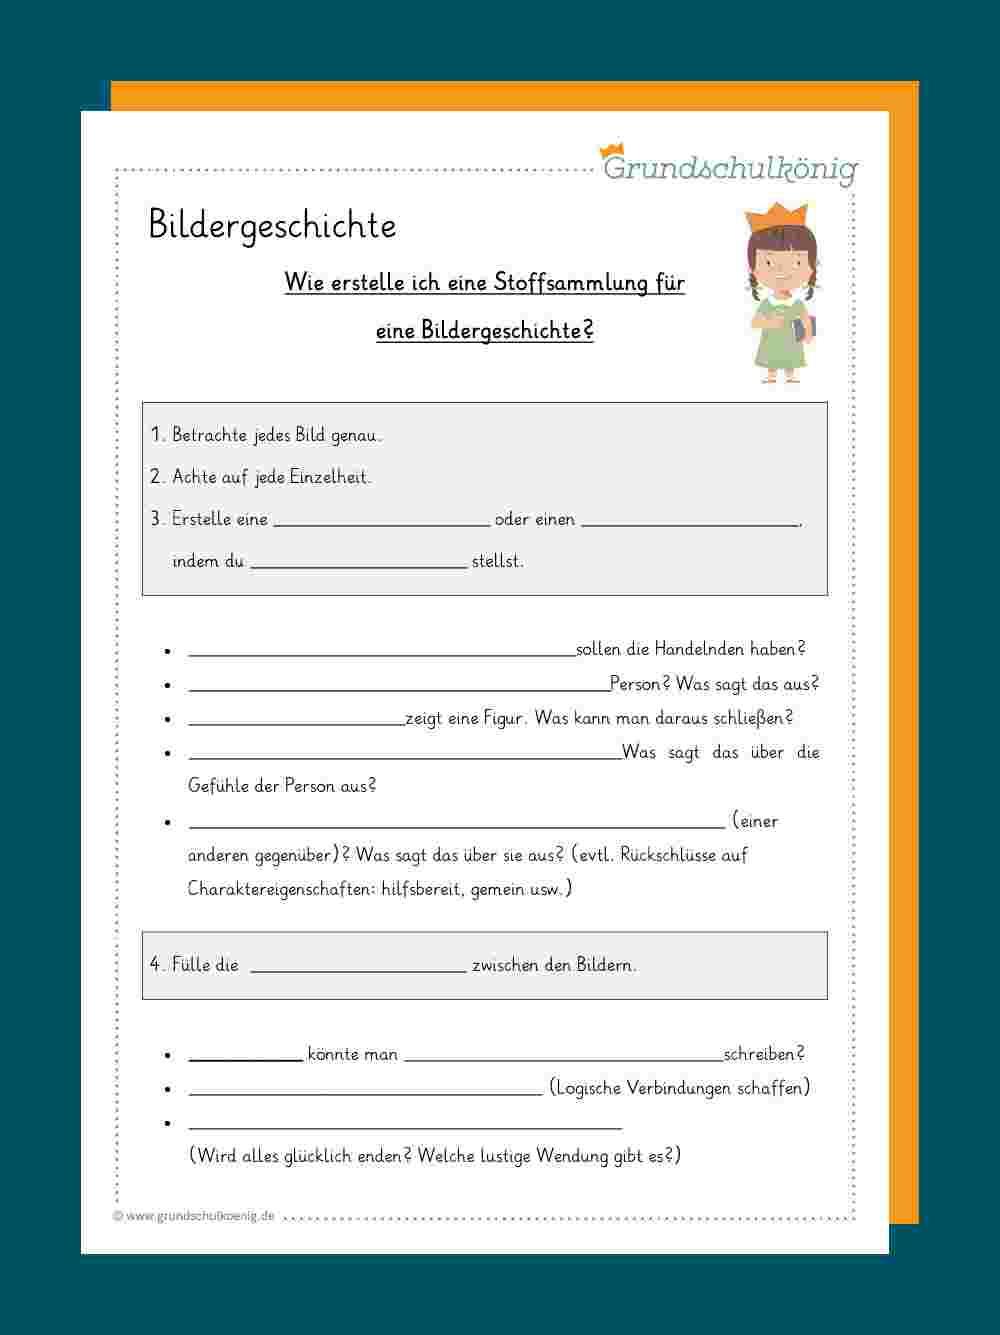 Bildergeschichte mit 4 Klasse Deutsch Geschichte Schreiben